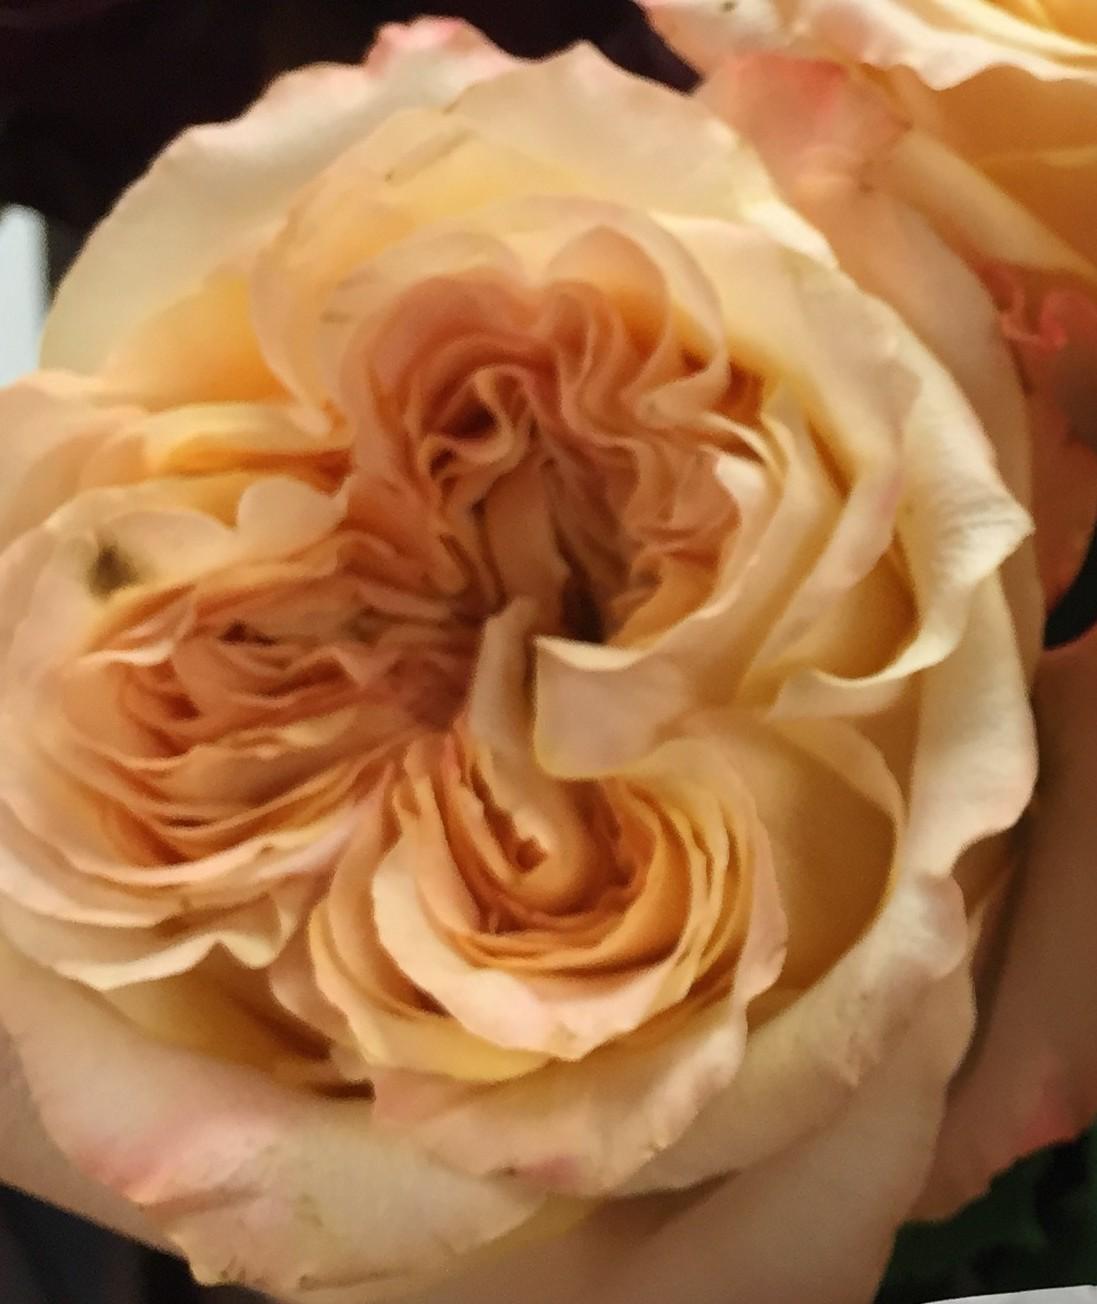 GARDEN ROSE WEDDING X PRESSION